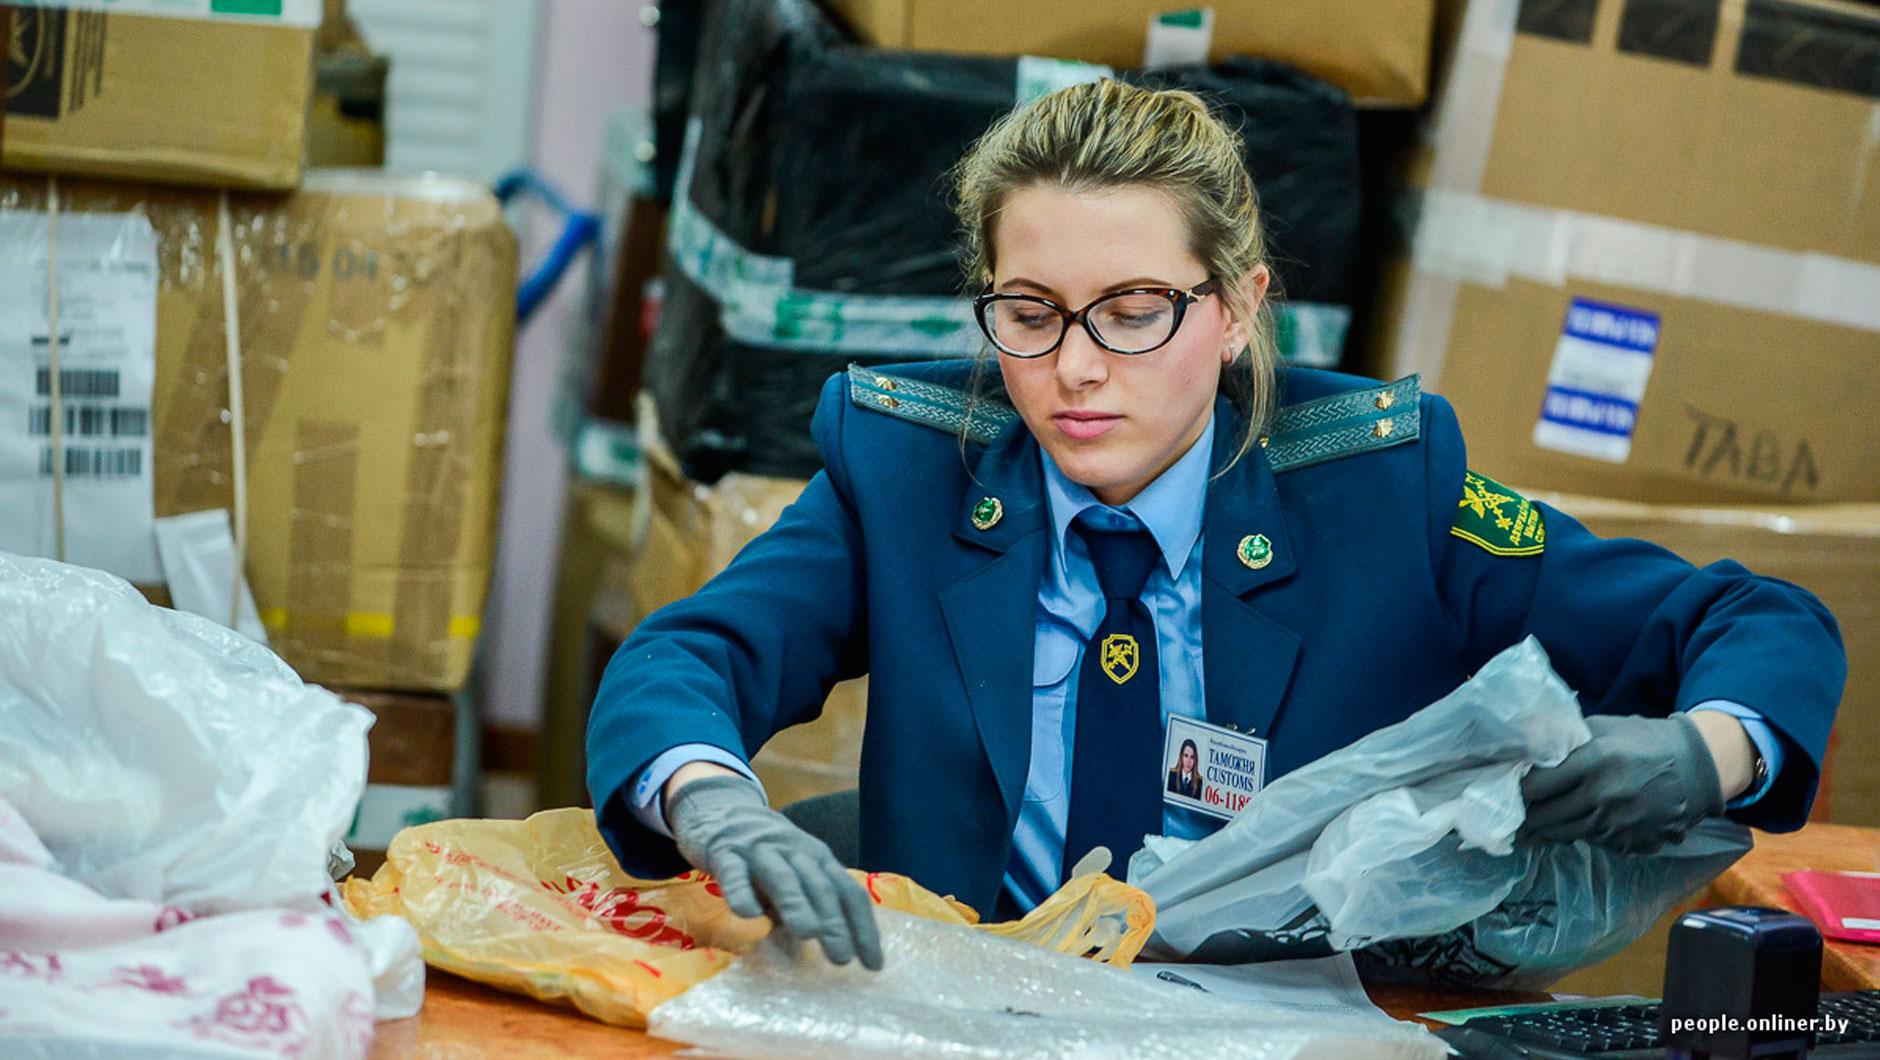 Работа на таможне в беларуси для девушек понравилась девушка с работы что делать